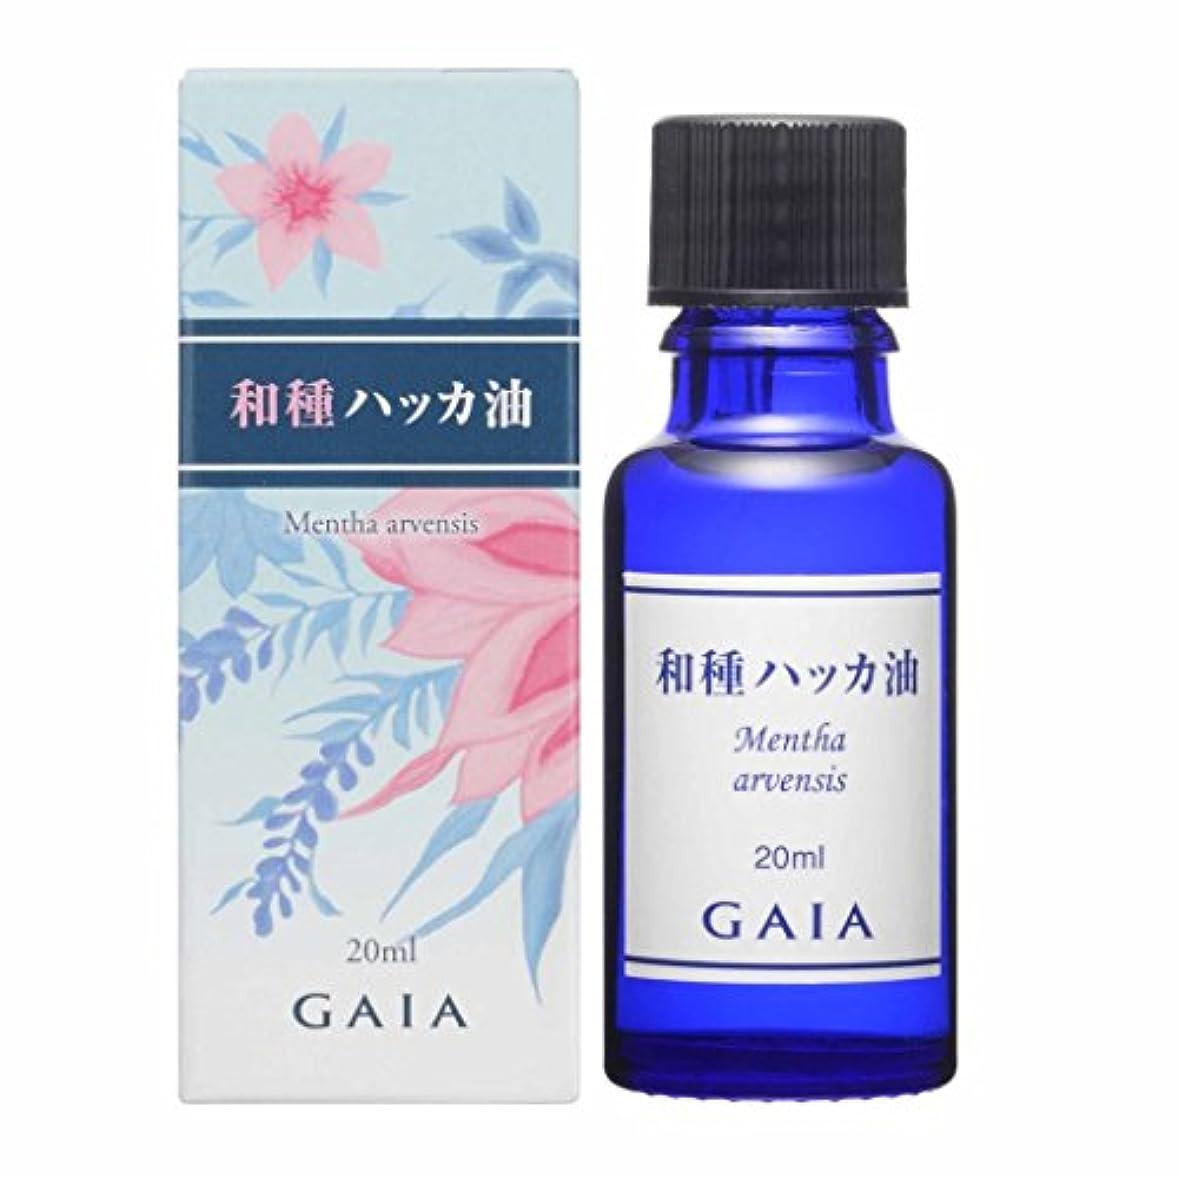 狐正規化GAIA(ガイア) 和種ハッカ油 20ml